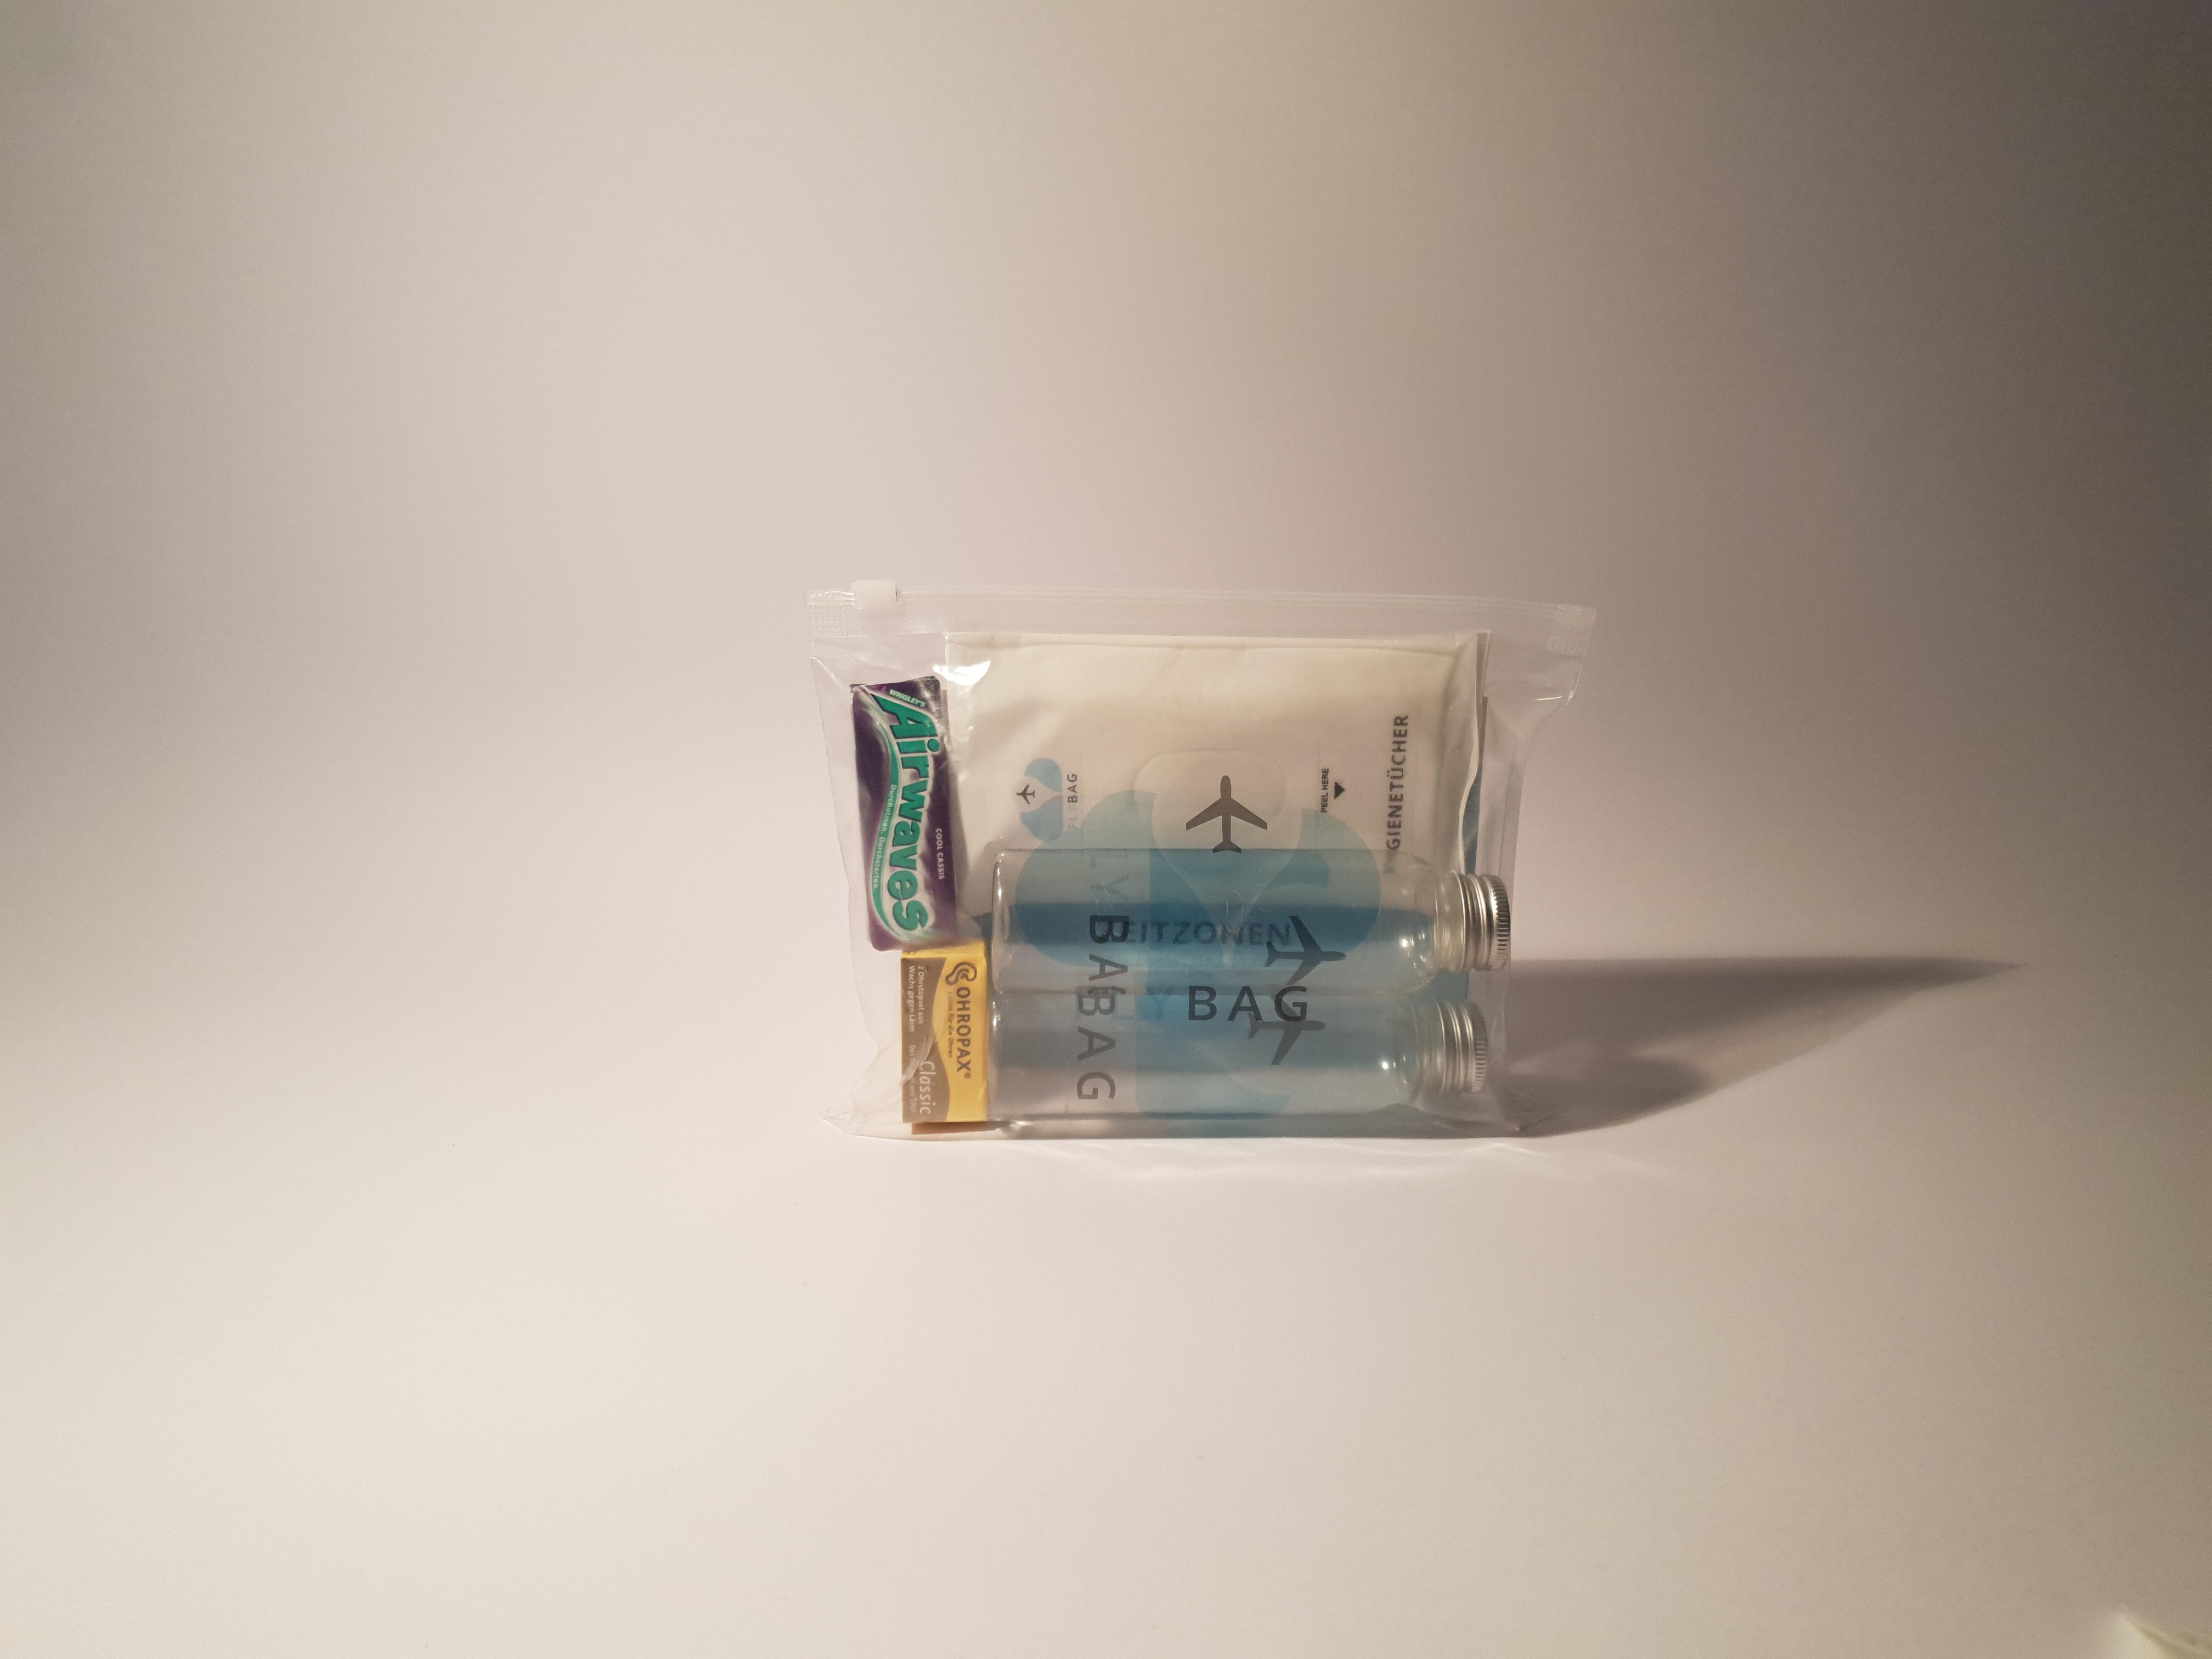 Reisebeutel von my Fly Bag Perfekt gefüllt mit allen wichtigen Produkten zum Reisen